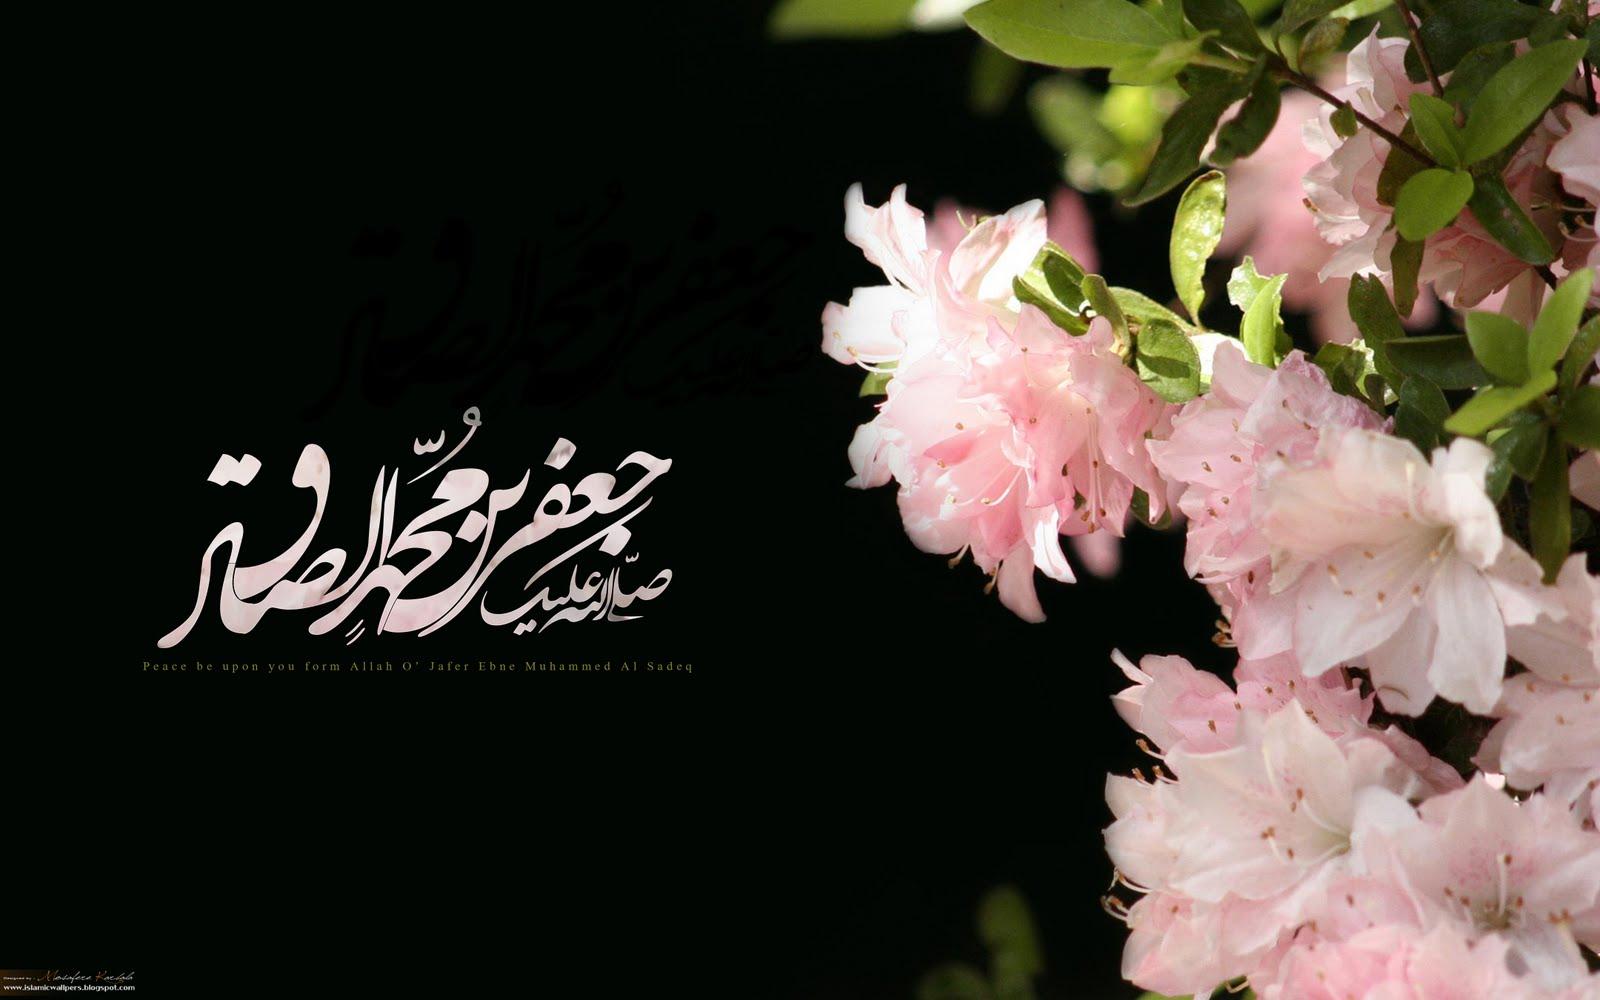 http://1.bp.blogspot.com/_-WFTUfUK1XA/S-LezxdpUQI/AAAAAAAAABg/4KdnF7onWQw/s1600/Imam_Sadeq_pbuh_by_islamicwallpers.jpg